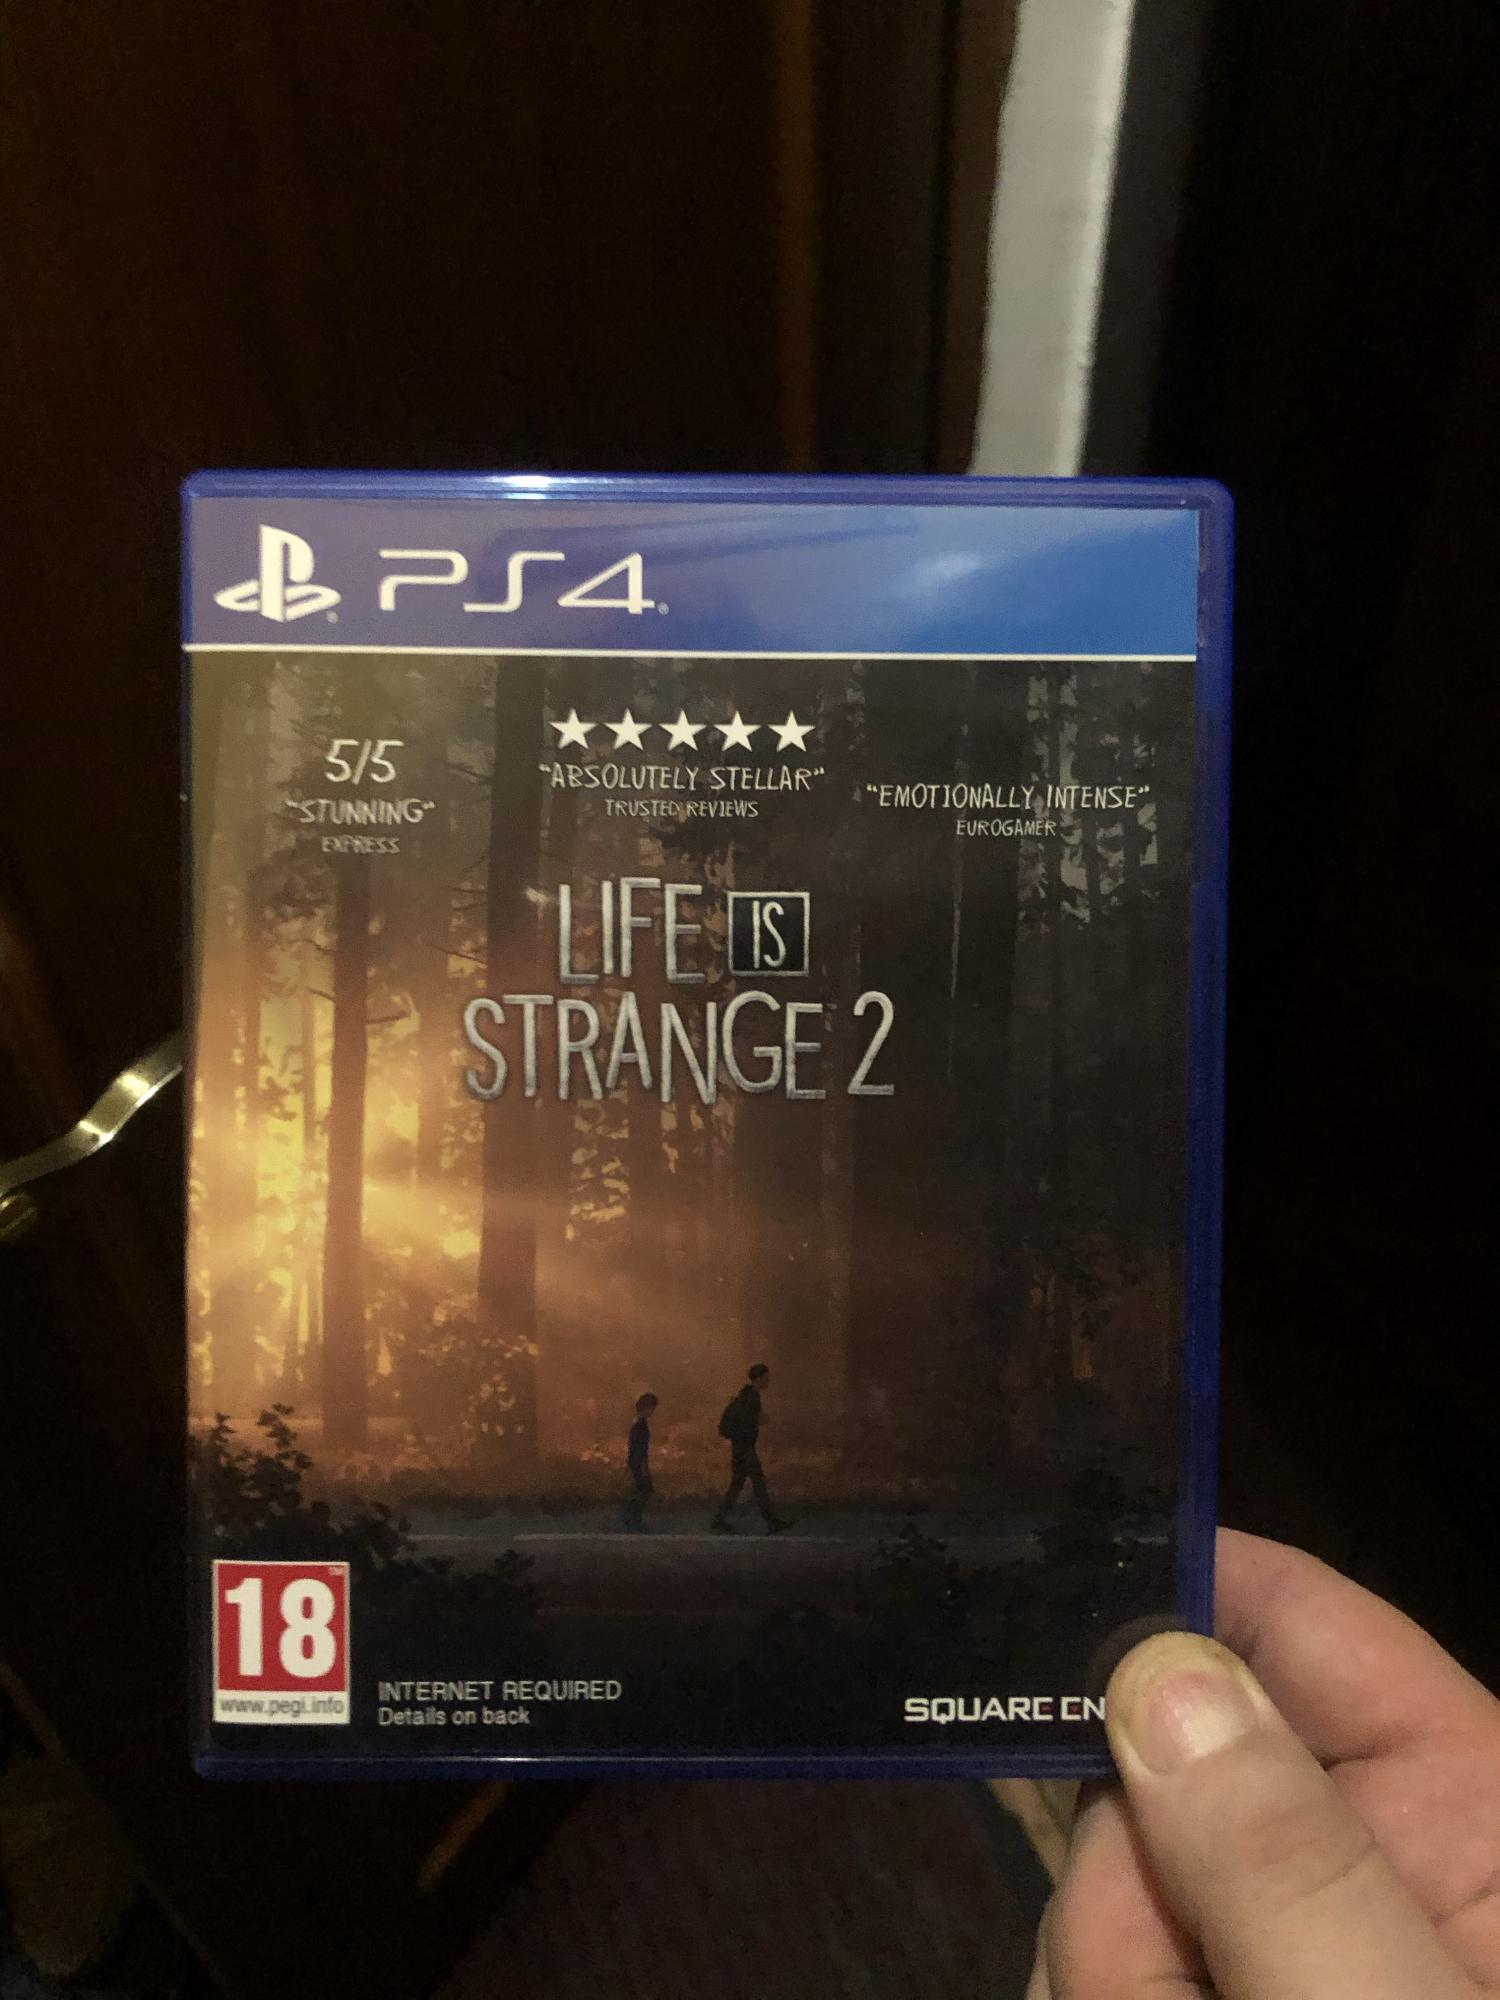 Life is strange 2 ps4 в Москве 89057085959 купить 1